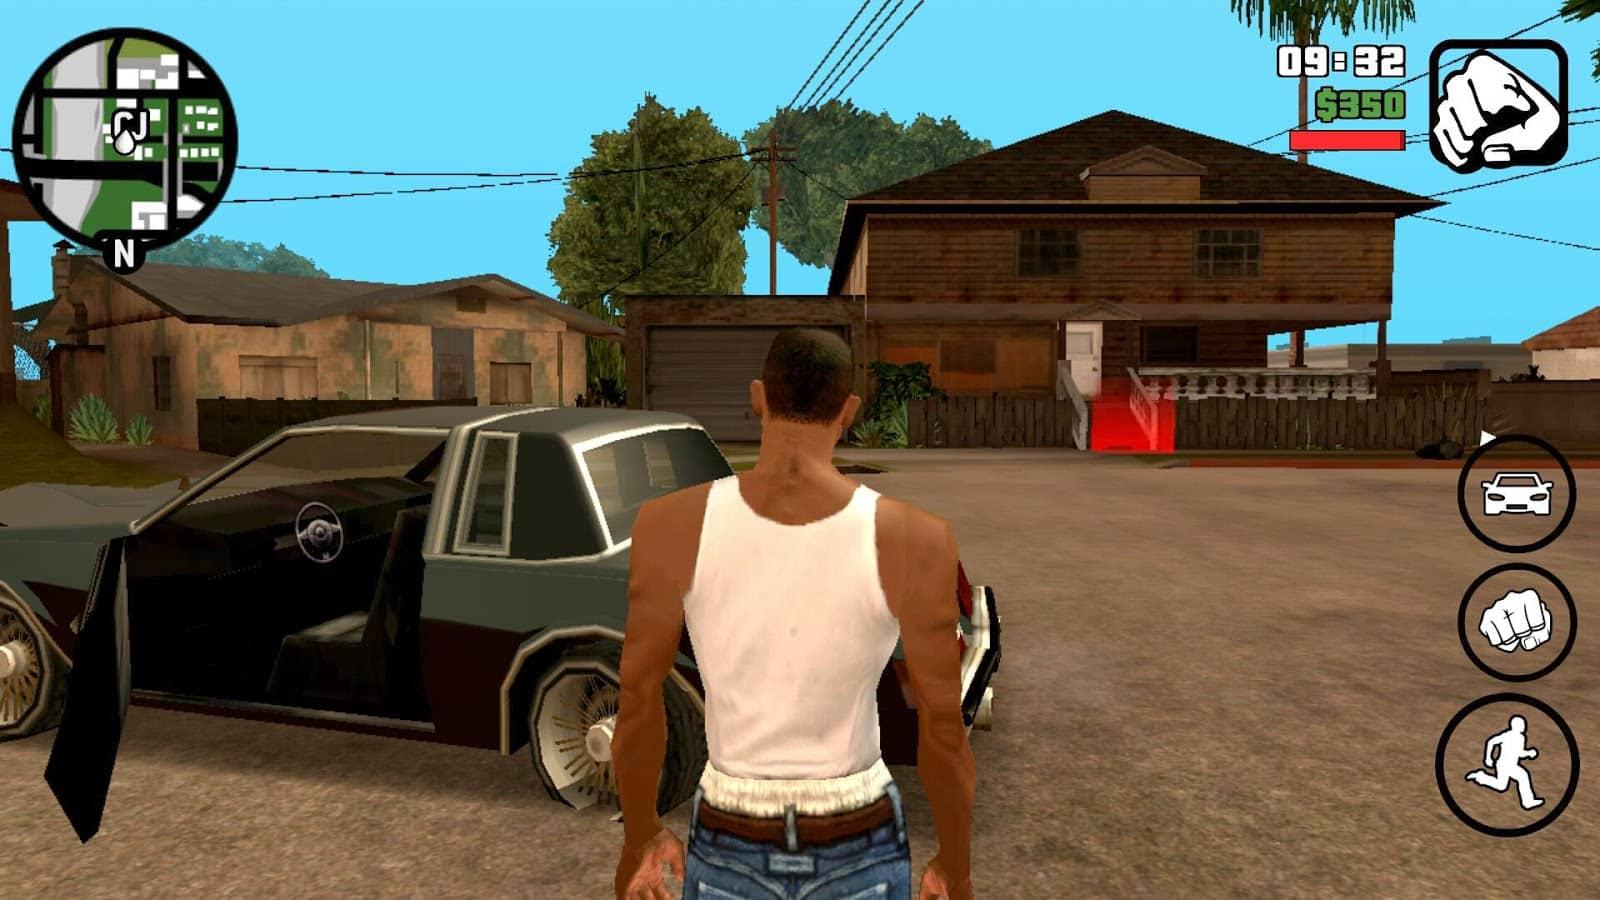 Jenis-Game-GTA-dan-Versi-Lainnya